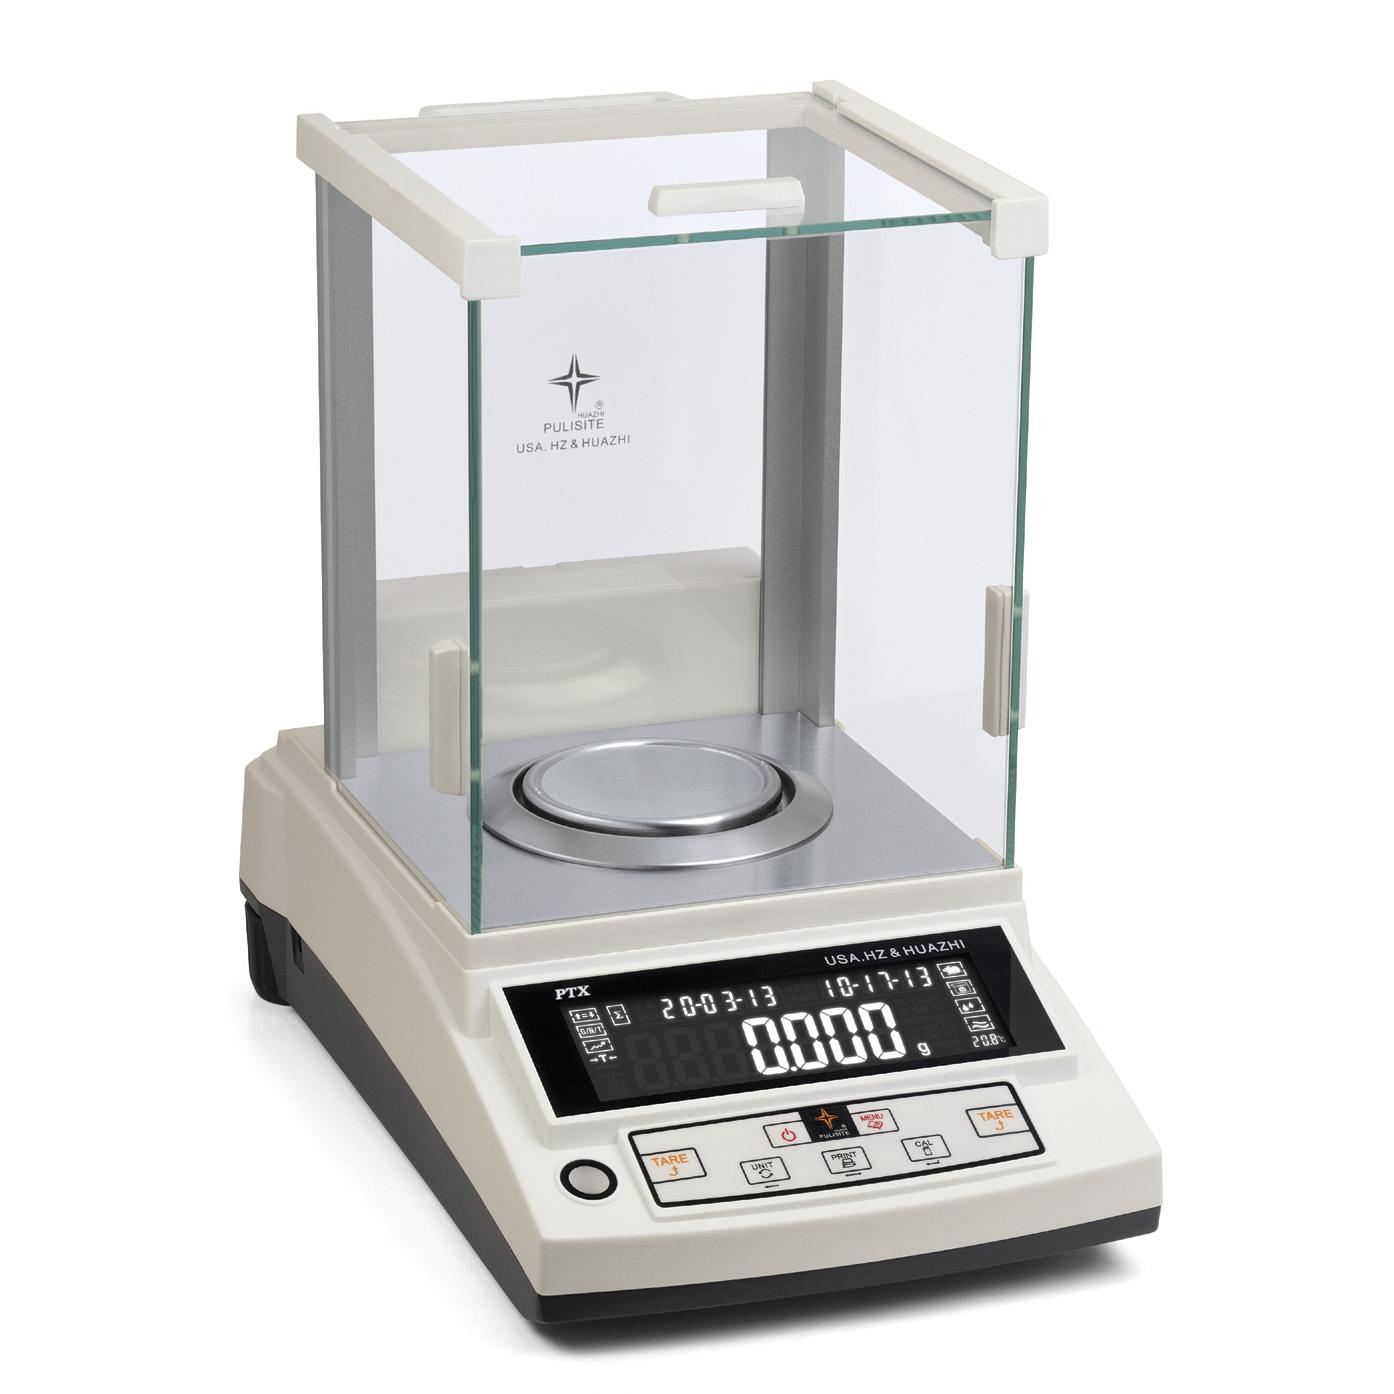 华志 专业型精密天平0.001g(千分之一克)PTX-JA(